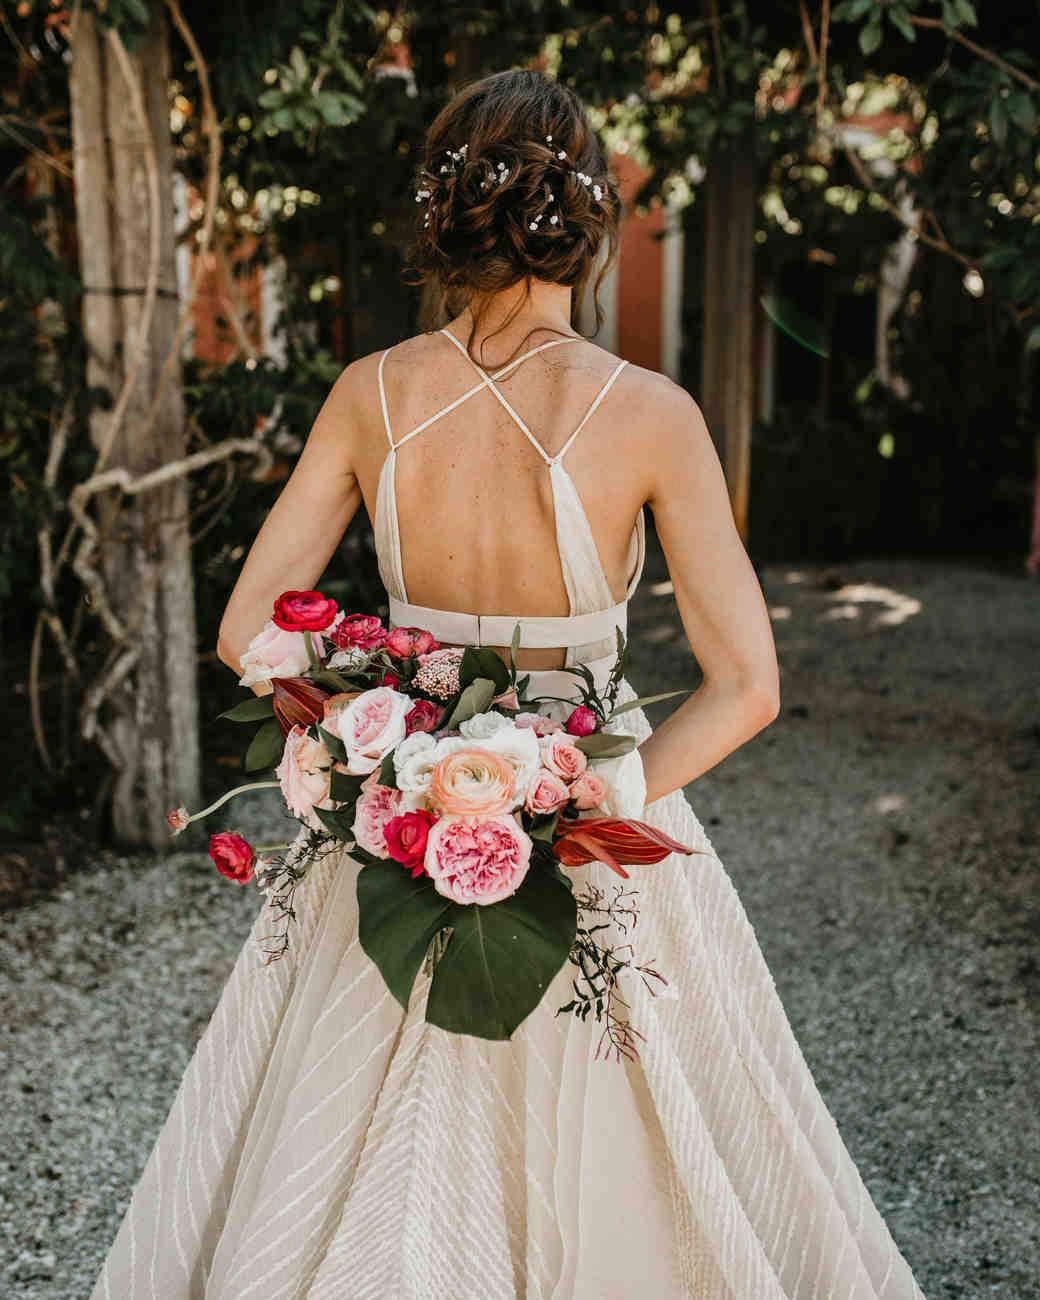 bf5175b29f27 Heat-Resistant Wedding Bouquets Perfect for Summer | Martha Stewart Weddings